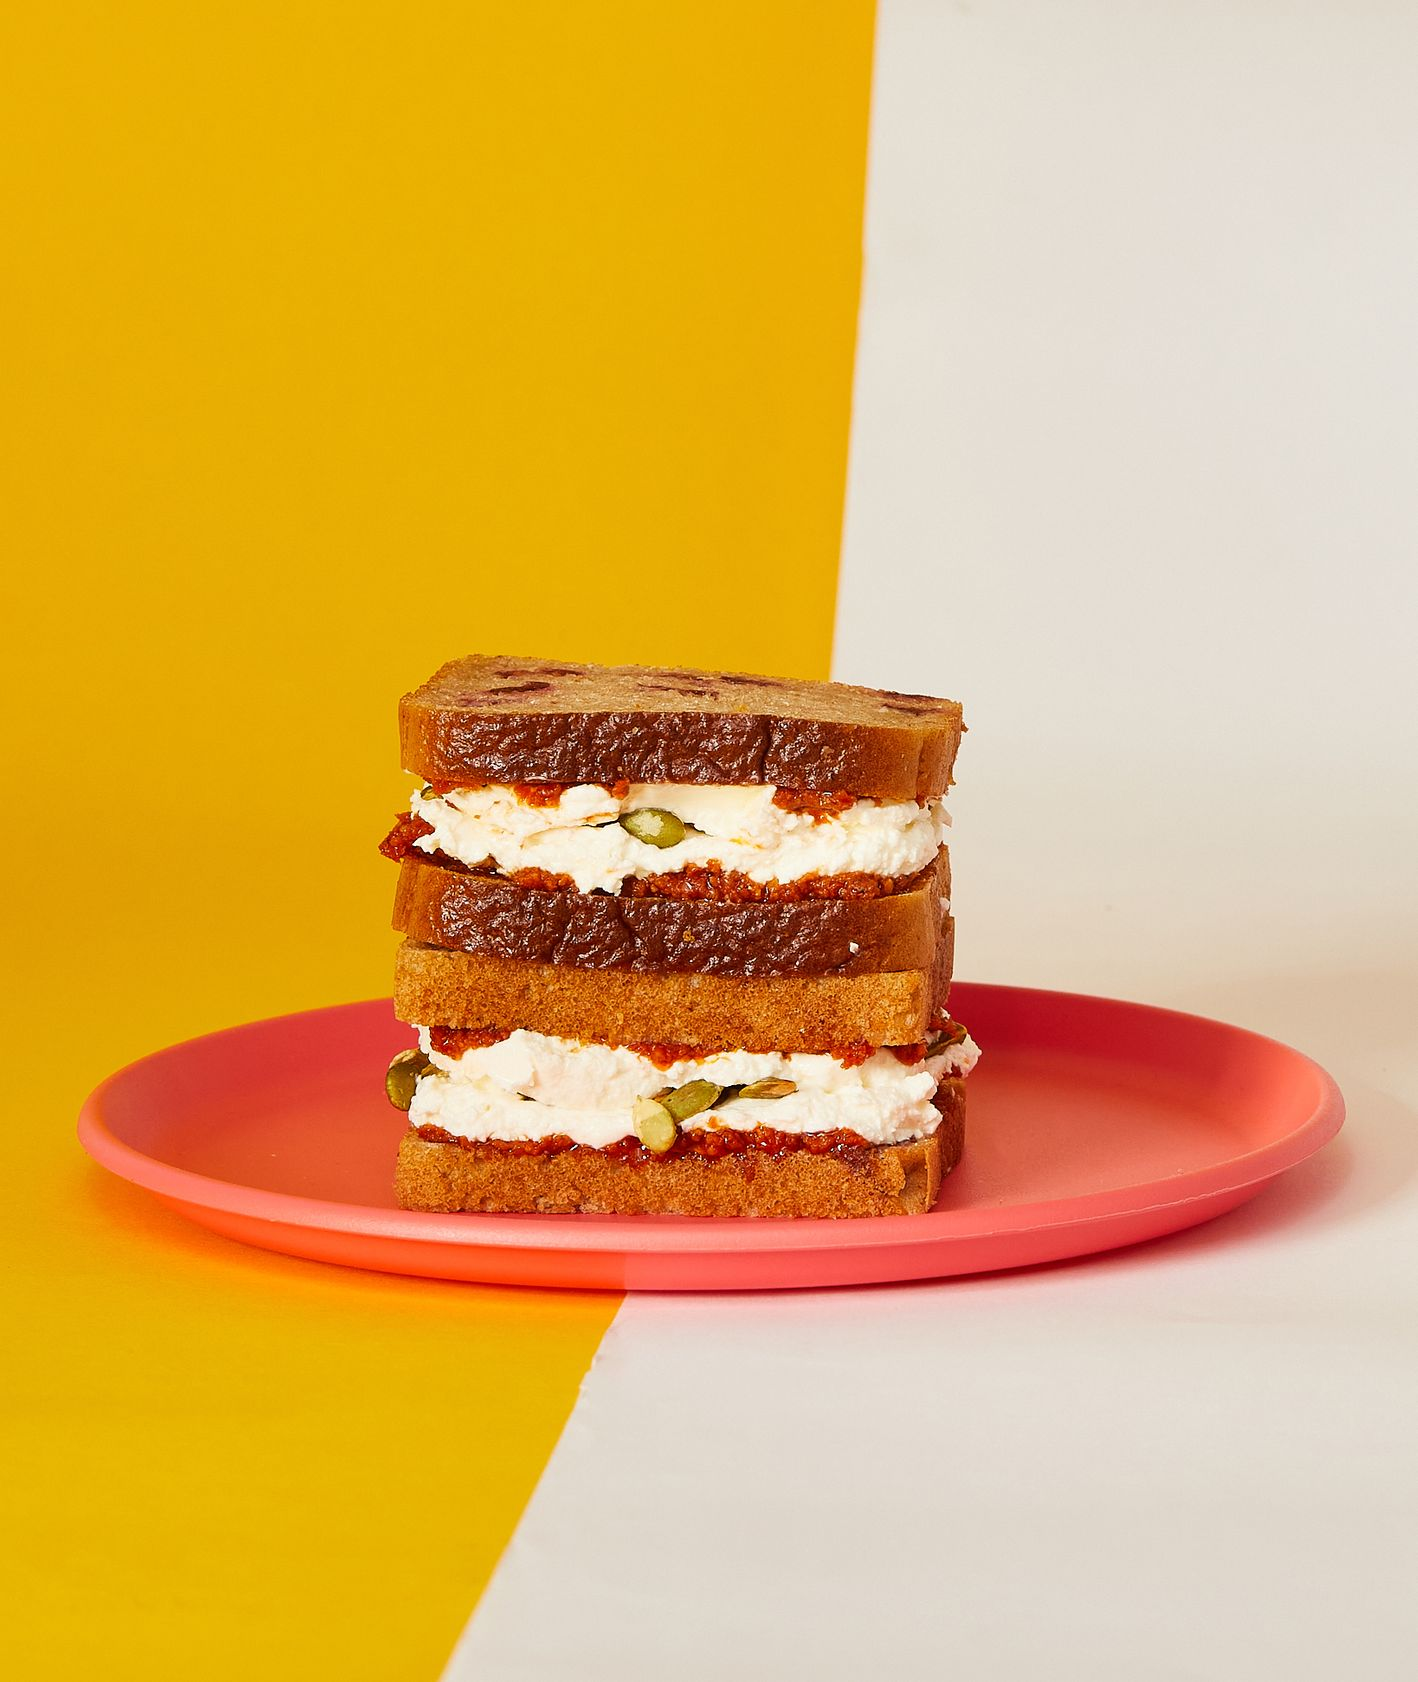 Przepisy na drugie śniadanie do szkoły. Żytnia kanapka z pesto z suszonych pomidorów (fot. Maciej Niemojewski)